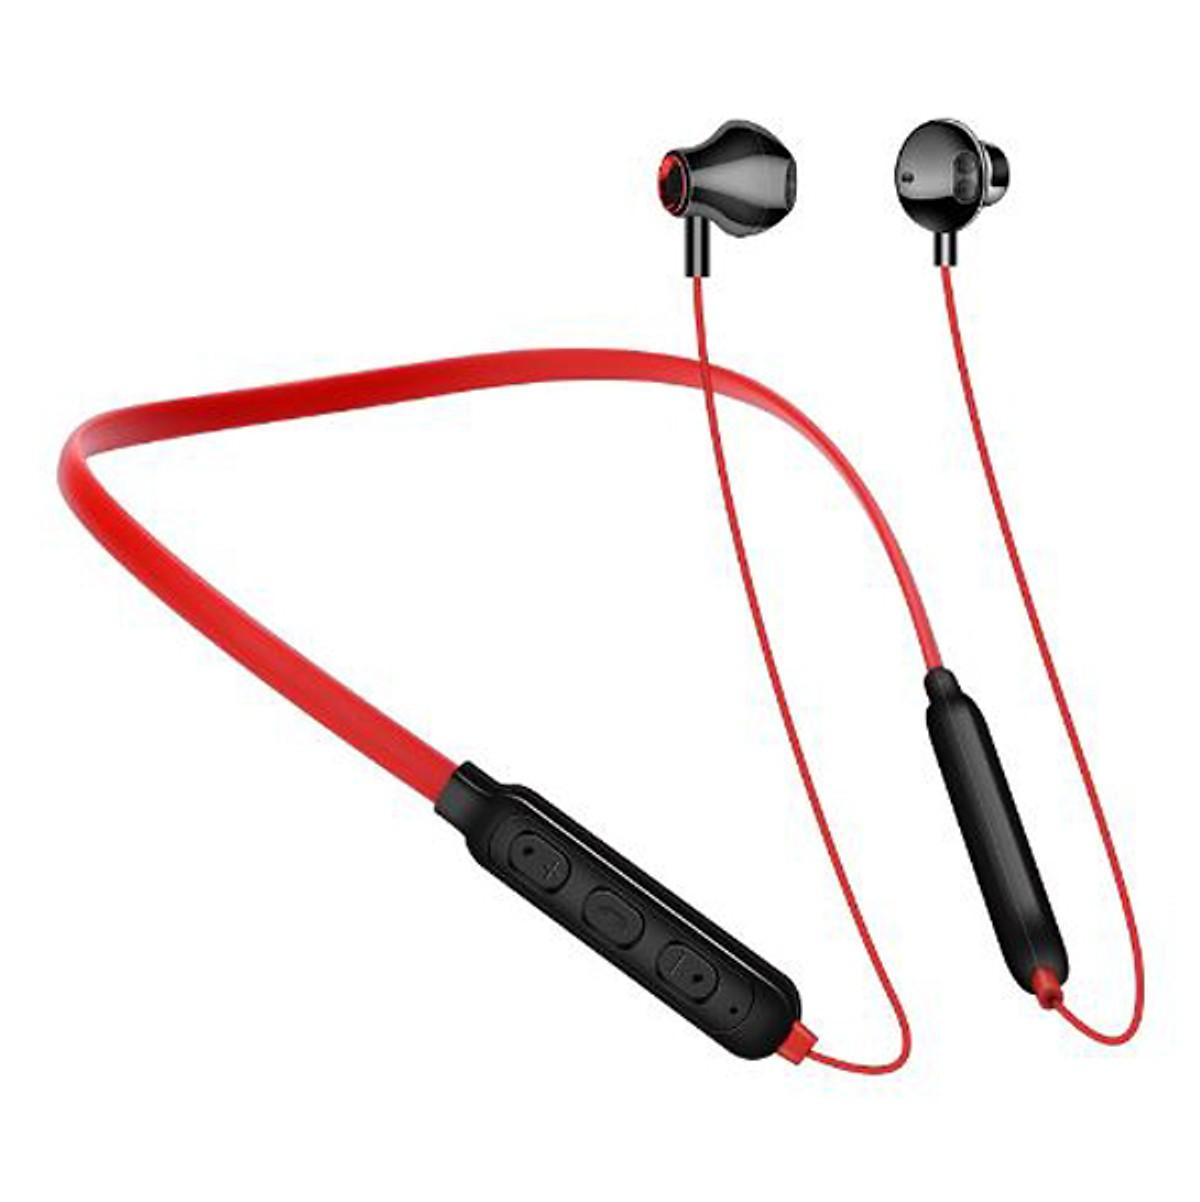 Tai Nghe Bluetooth Nhét Tai Cao Cấp Có Dây 6D + Hộp Quẹt Bật Lửa Bay Mặt Ma Cao Cấp